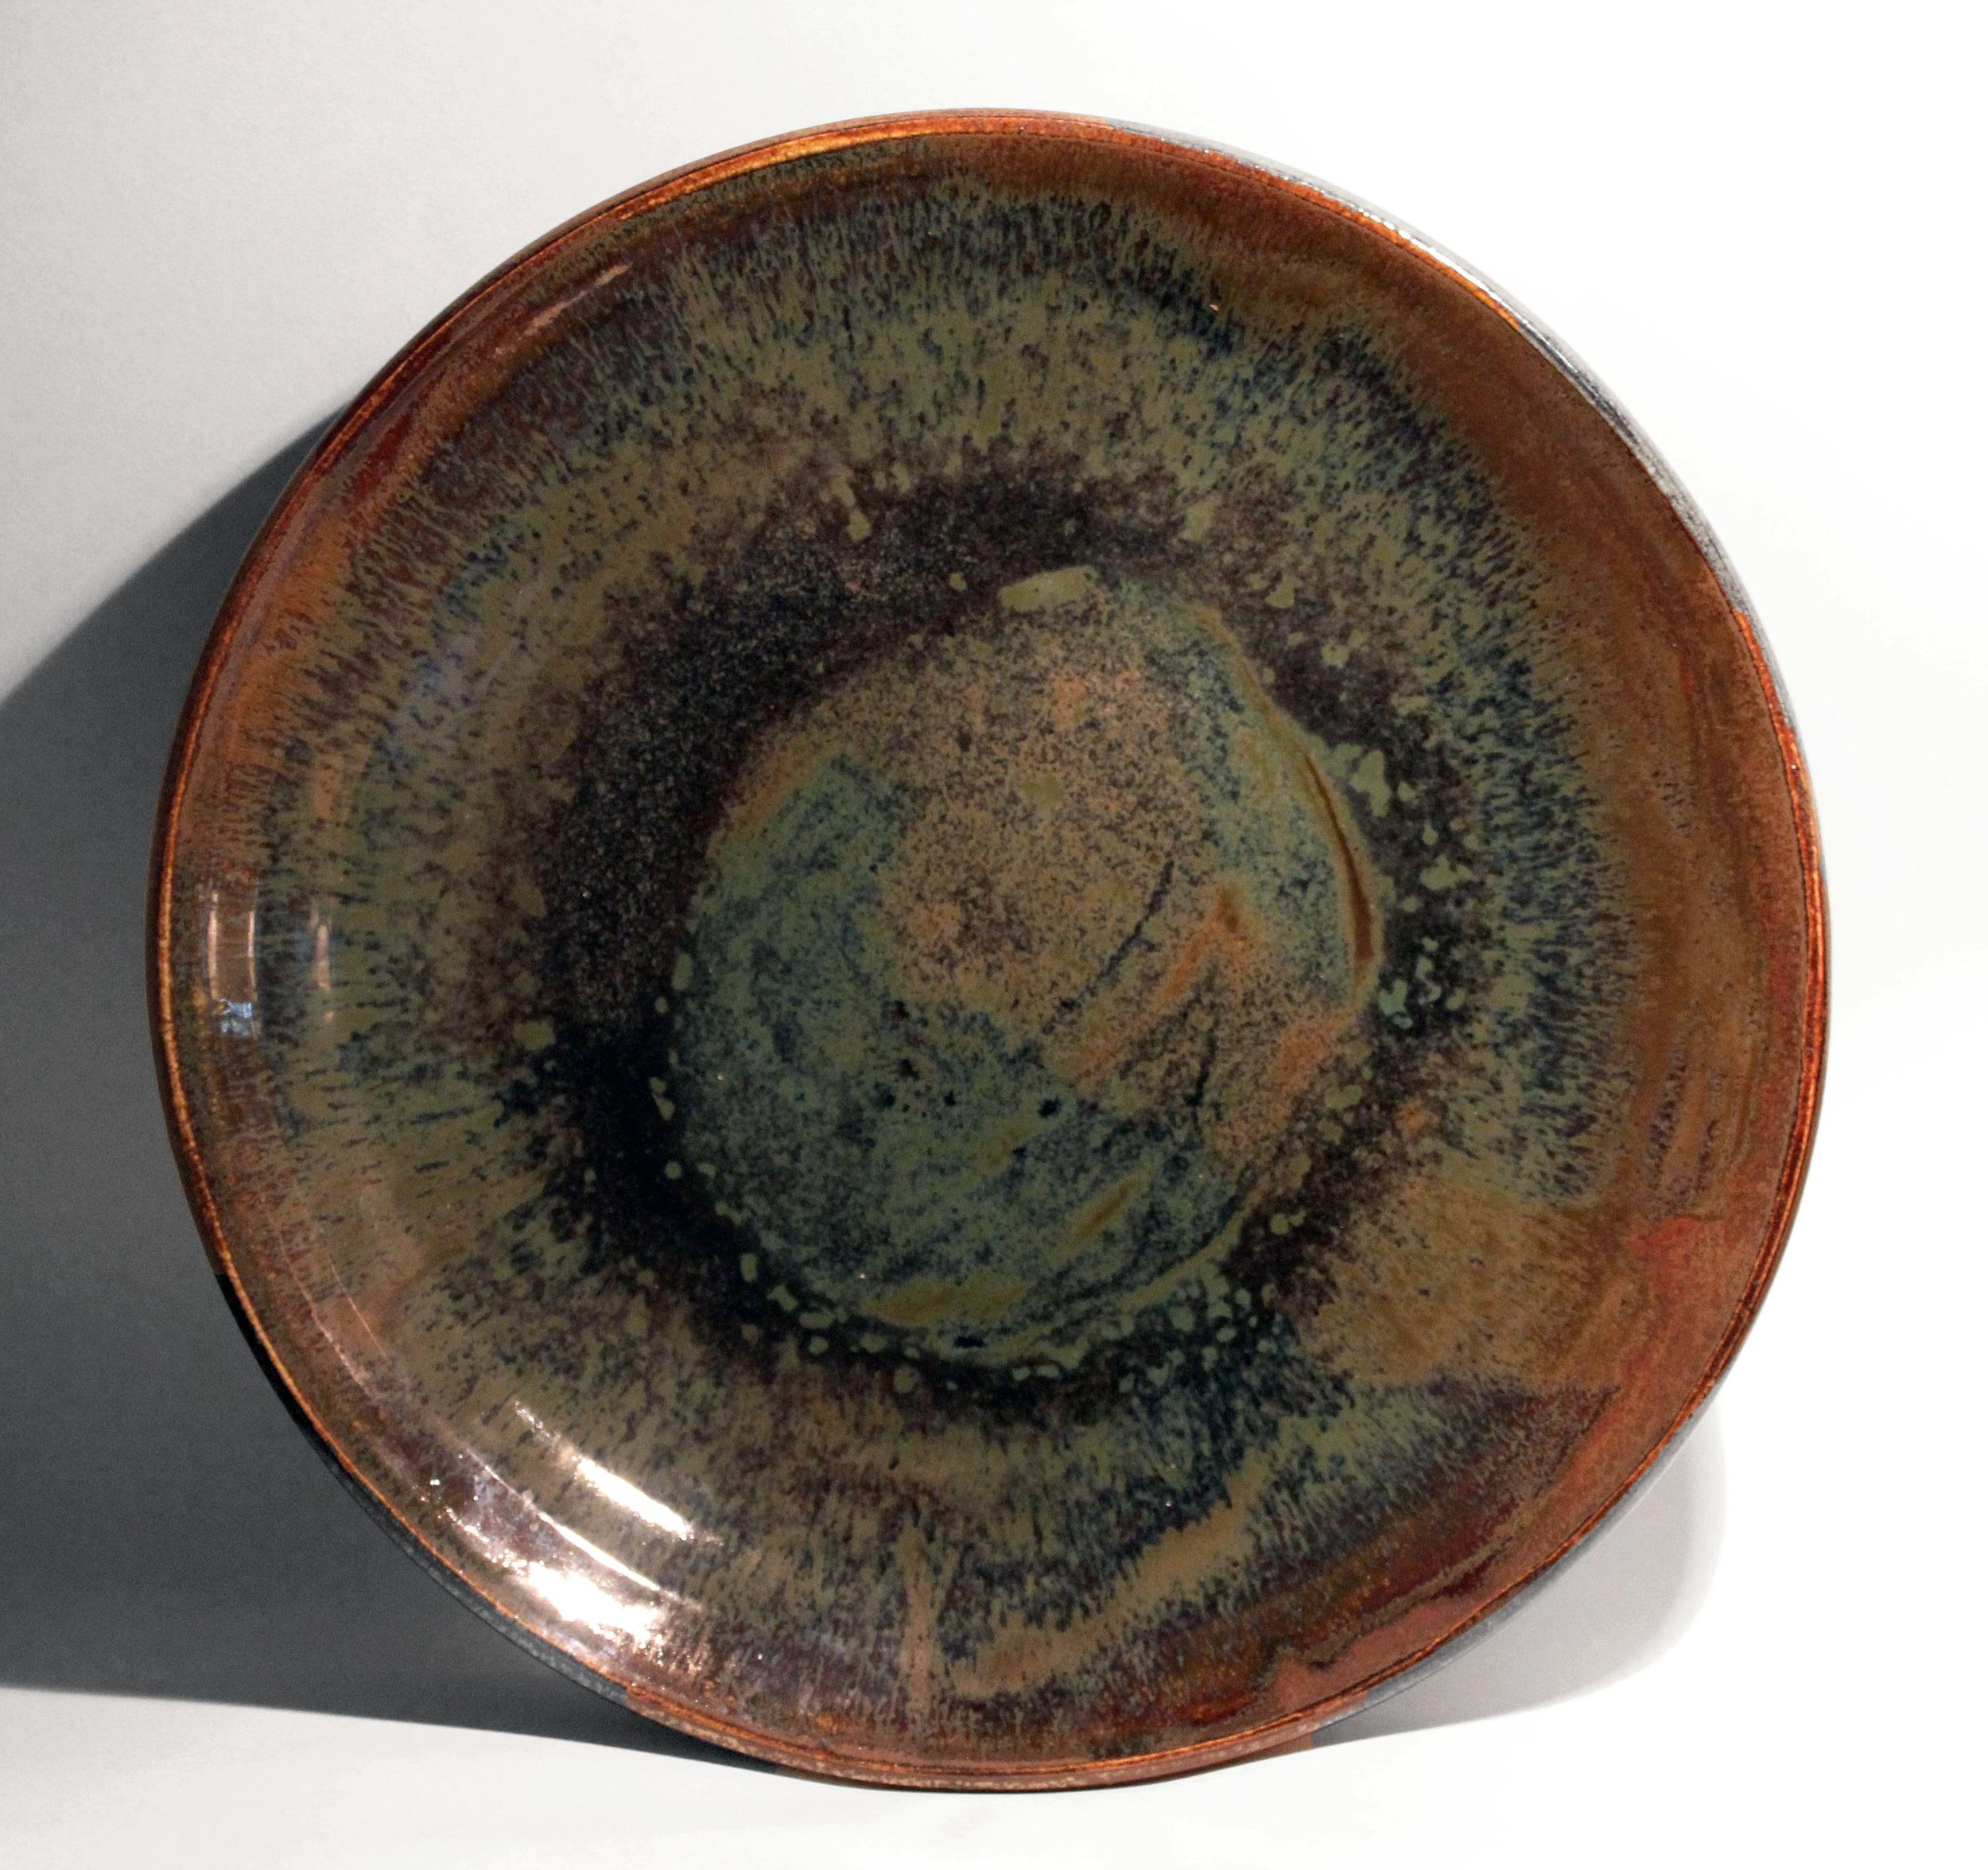 Stoneware, 12 x 2 inches, 2016